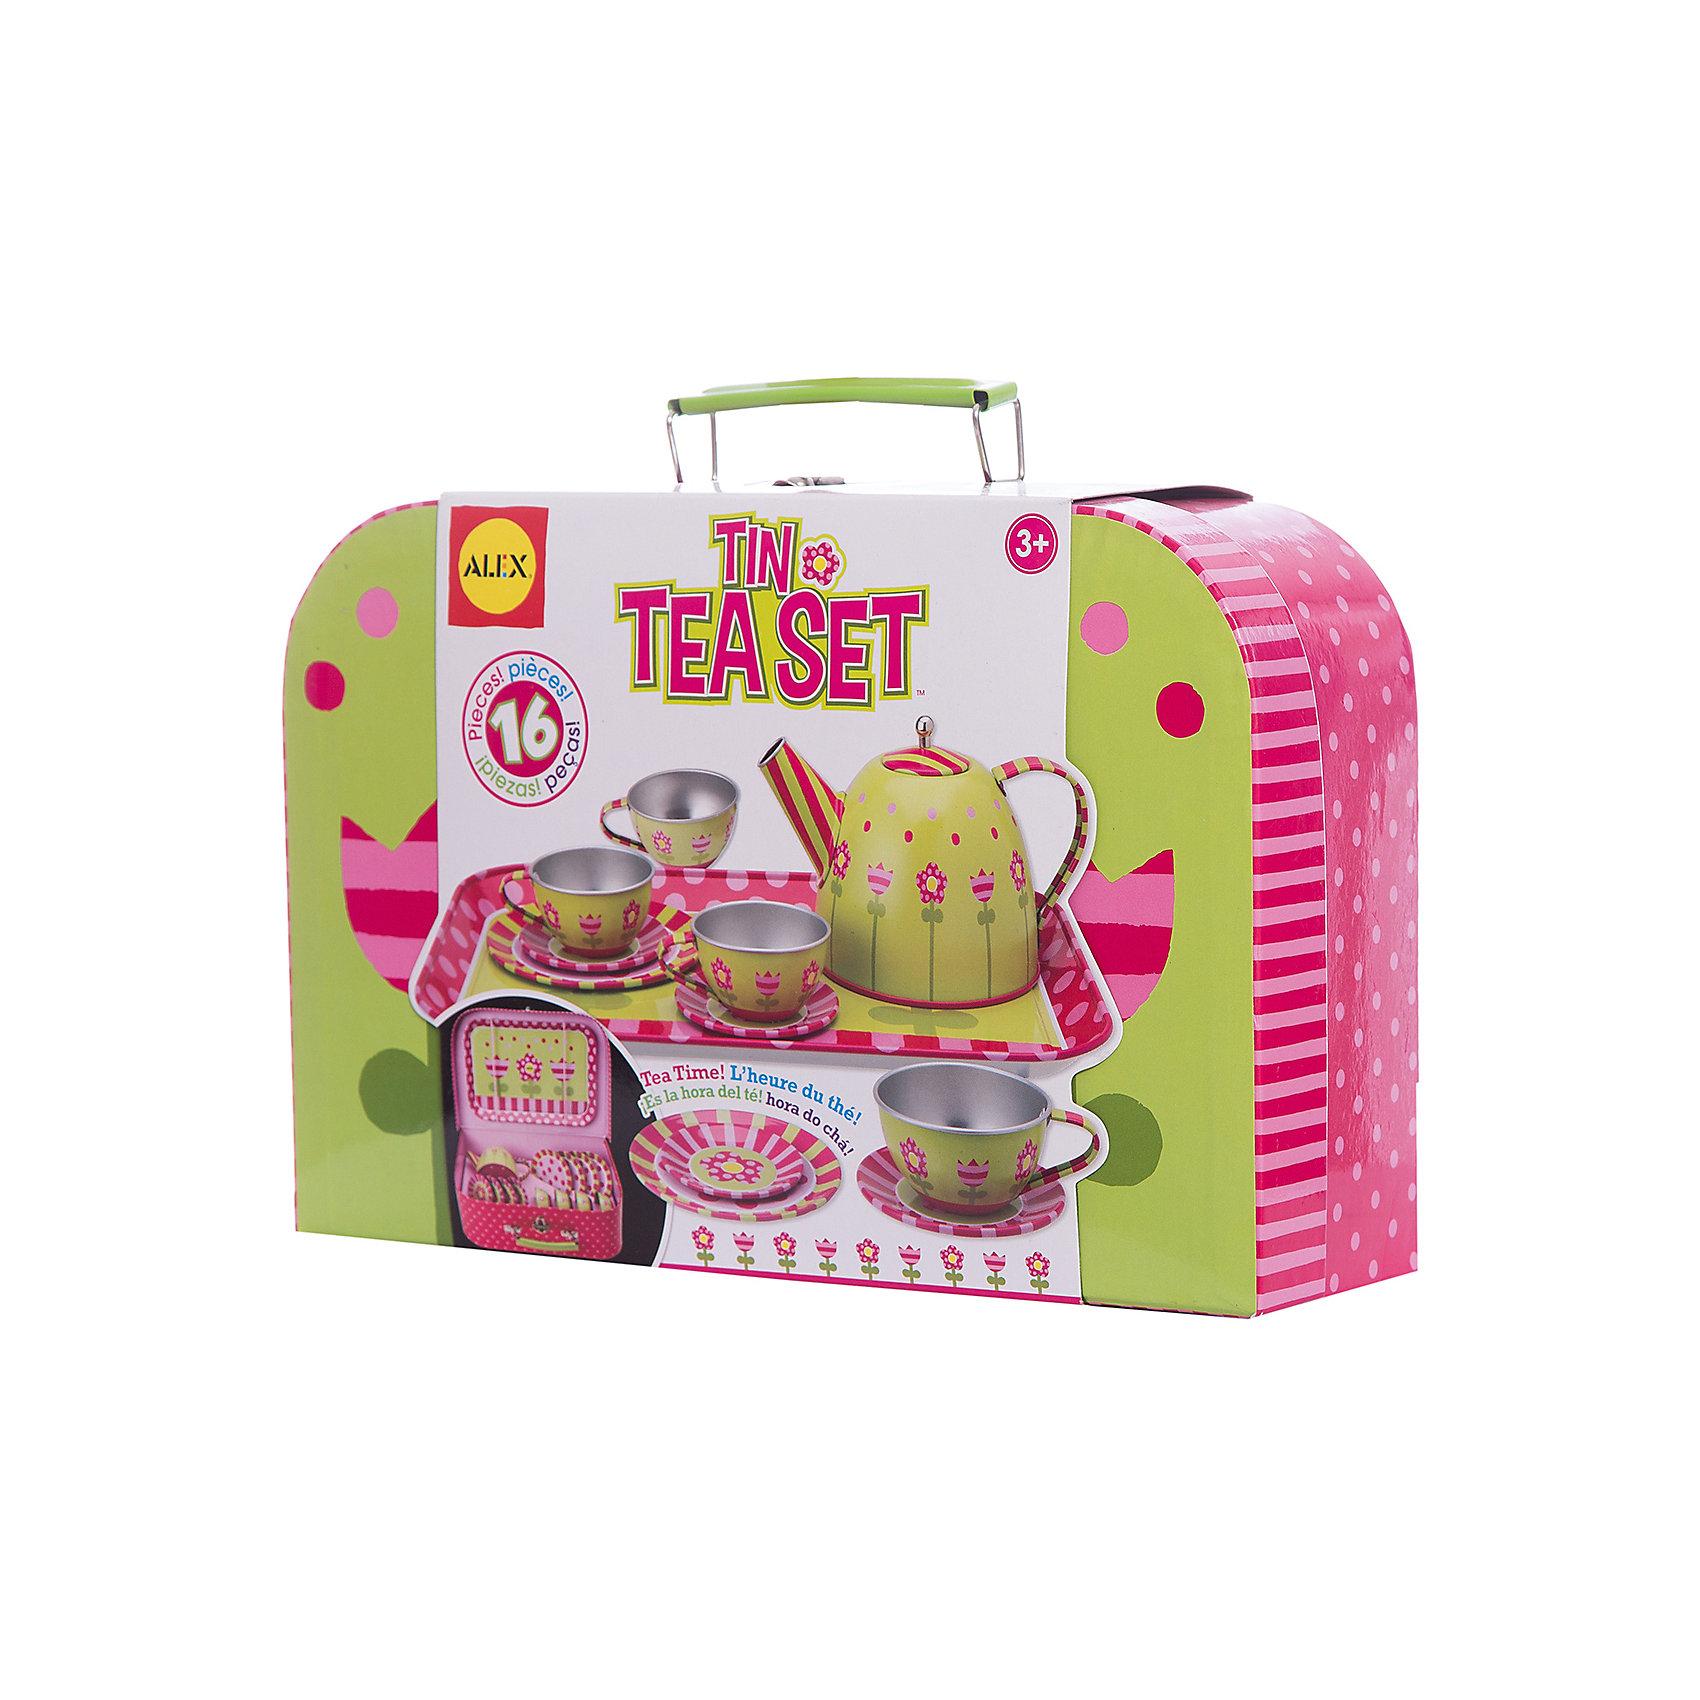 Чайный сервиз металлический Весна, ALEXЧайный сервиз металлический Весна, ALEX (Алекс) -  это замечательный подарок для маленькой хозяйки. Проведение чайных вечеринок можно назвать одной из самых милых, домашних традиций. С этим сервизом маленькая хозяйка  может устраивать  чайные вечеринки по высшему разряду.<br>Упаковано в красивую удобную коробку с ручкой, закрывающуюся на кнопку. В ней очень удобно хранить все детали набора.<br><br>Дополнительная информация:<br><br>- В наборе 16 предметов: поднос, чайник, 4 чашки, 4 тарелочки, 4 блюдца. <br>- Размер упаковки: 48x62x32см.<br>- Вес: 635,6 г.<br><br>Чайный сервиз металлический Весна, ALEX - это желанный подарок для девочек!<br><br>Чайный сервиз металлический Весна, ALEX можно купить в нашем интернет-магазине.<br><br>Ширина мм: 62<br>Глубина мм: 32<br>Высота мм: 48<br>Вес г: 635<br>Возраст от месяцев: 36<br>Возраст до месяцев: 96<br>Пол: Женский<br>Возраст: Детский<br>SKU: 2148485